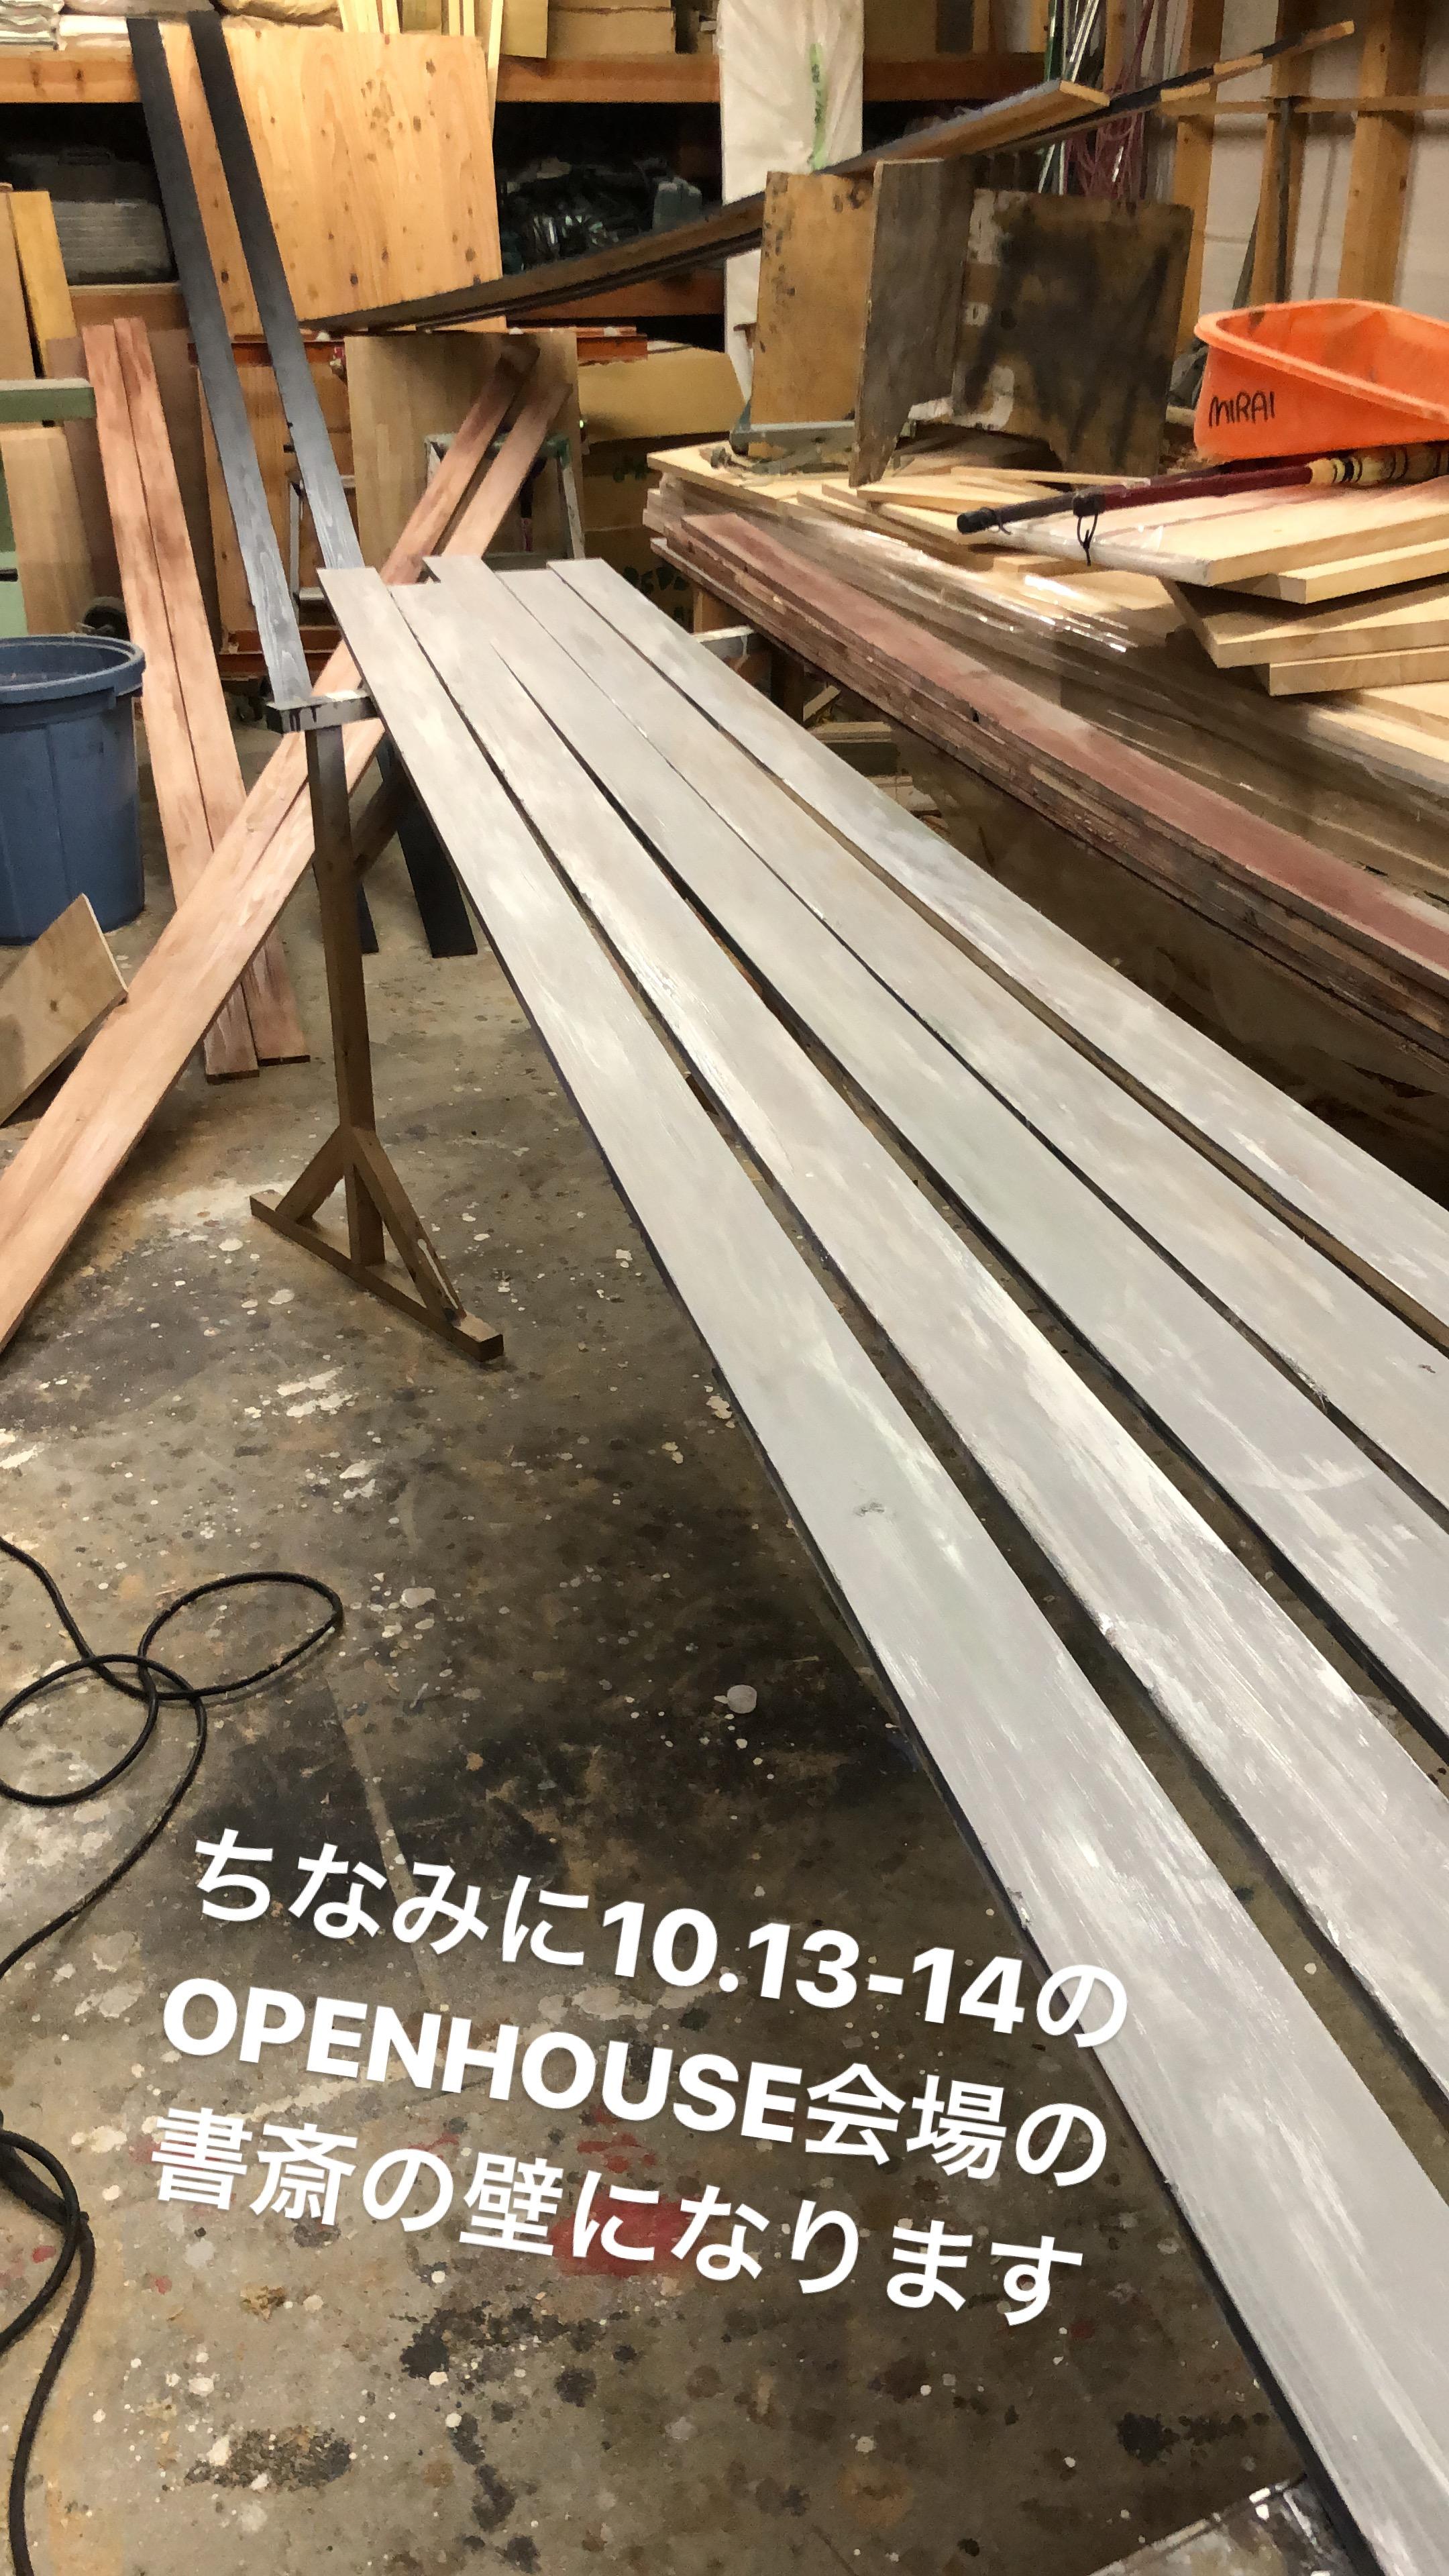 富士河口湖町の家の内壁材を加工。オリジナリティー溢れる壁に仕上がります。